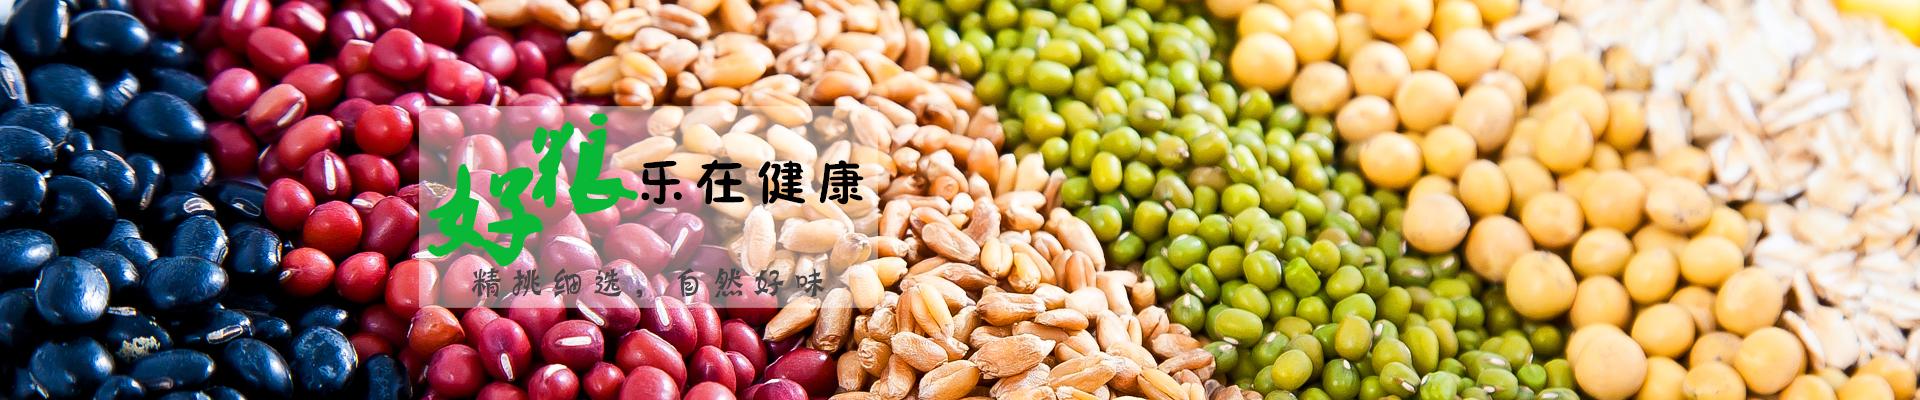 金威玛满足个性化的你 健康配食品豆